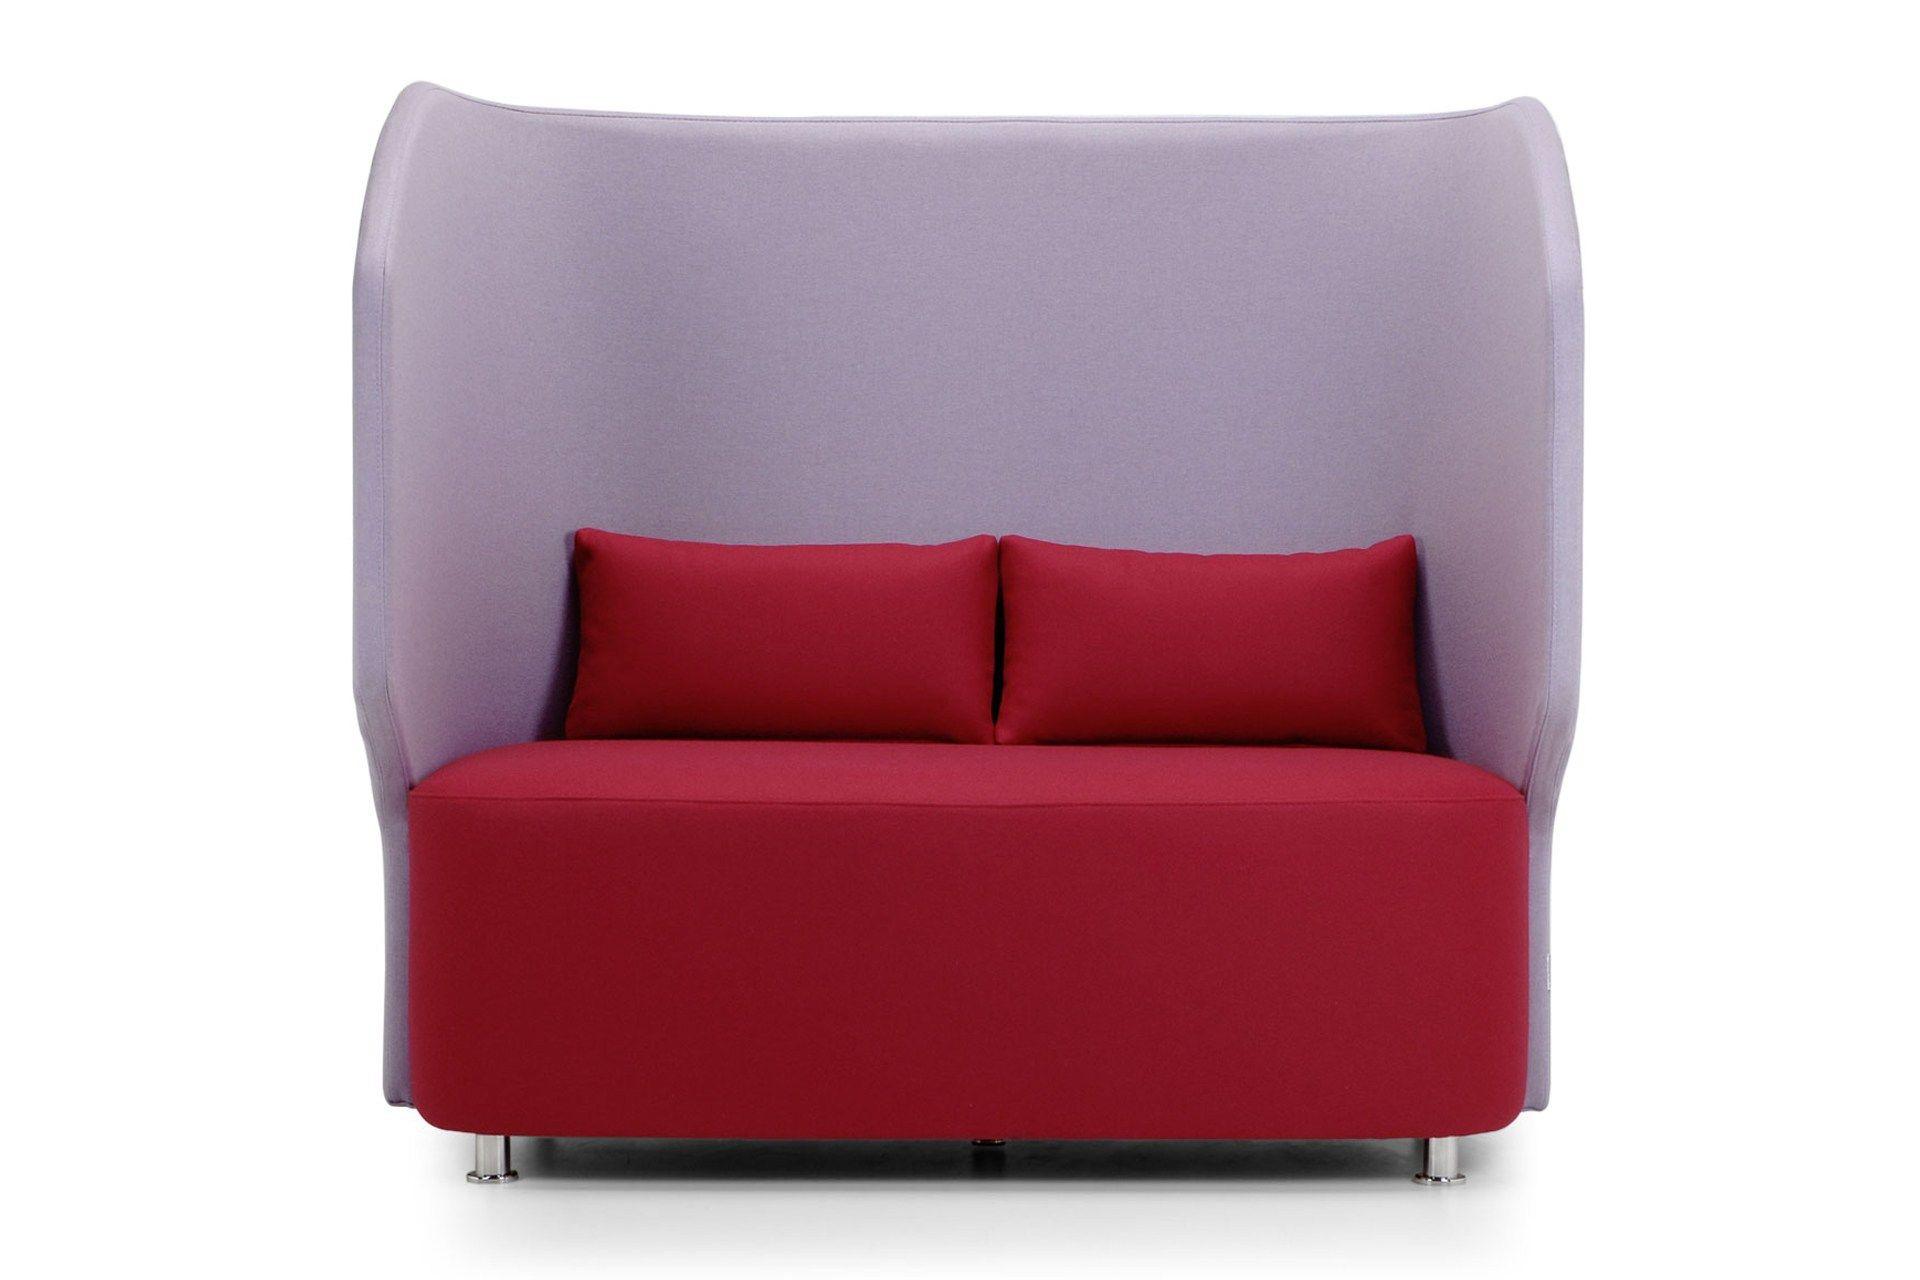 Maji divano con schienale alto collezione maji by - Divano schienale alto ...